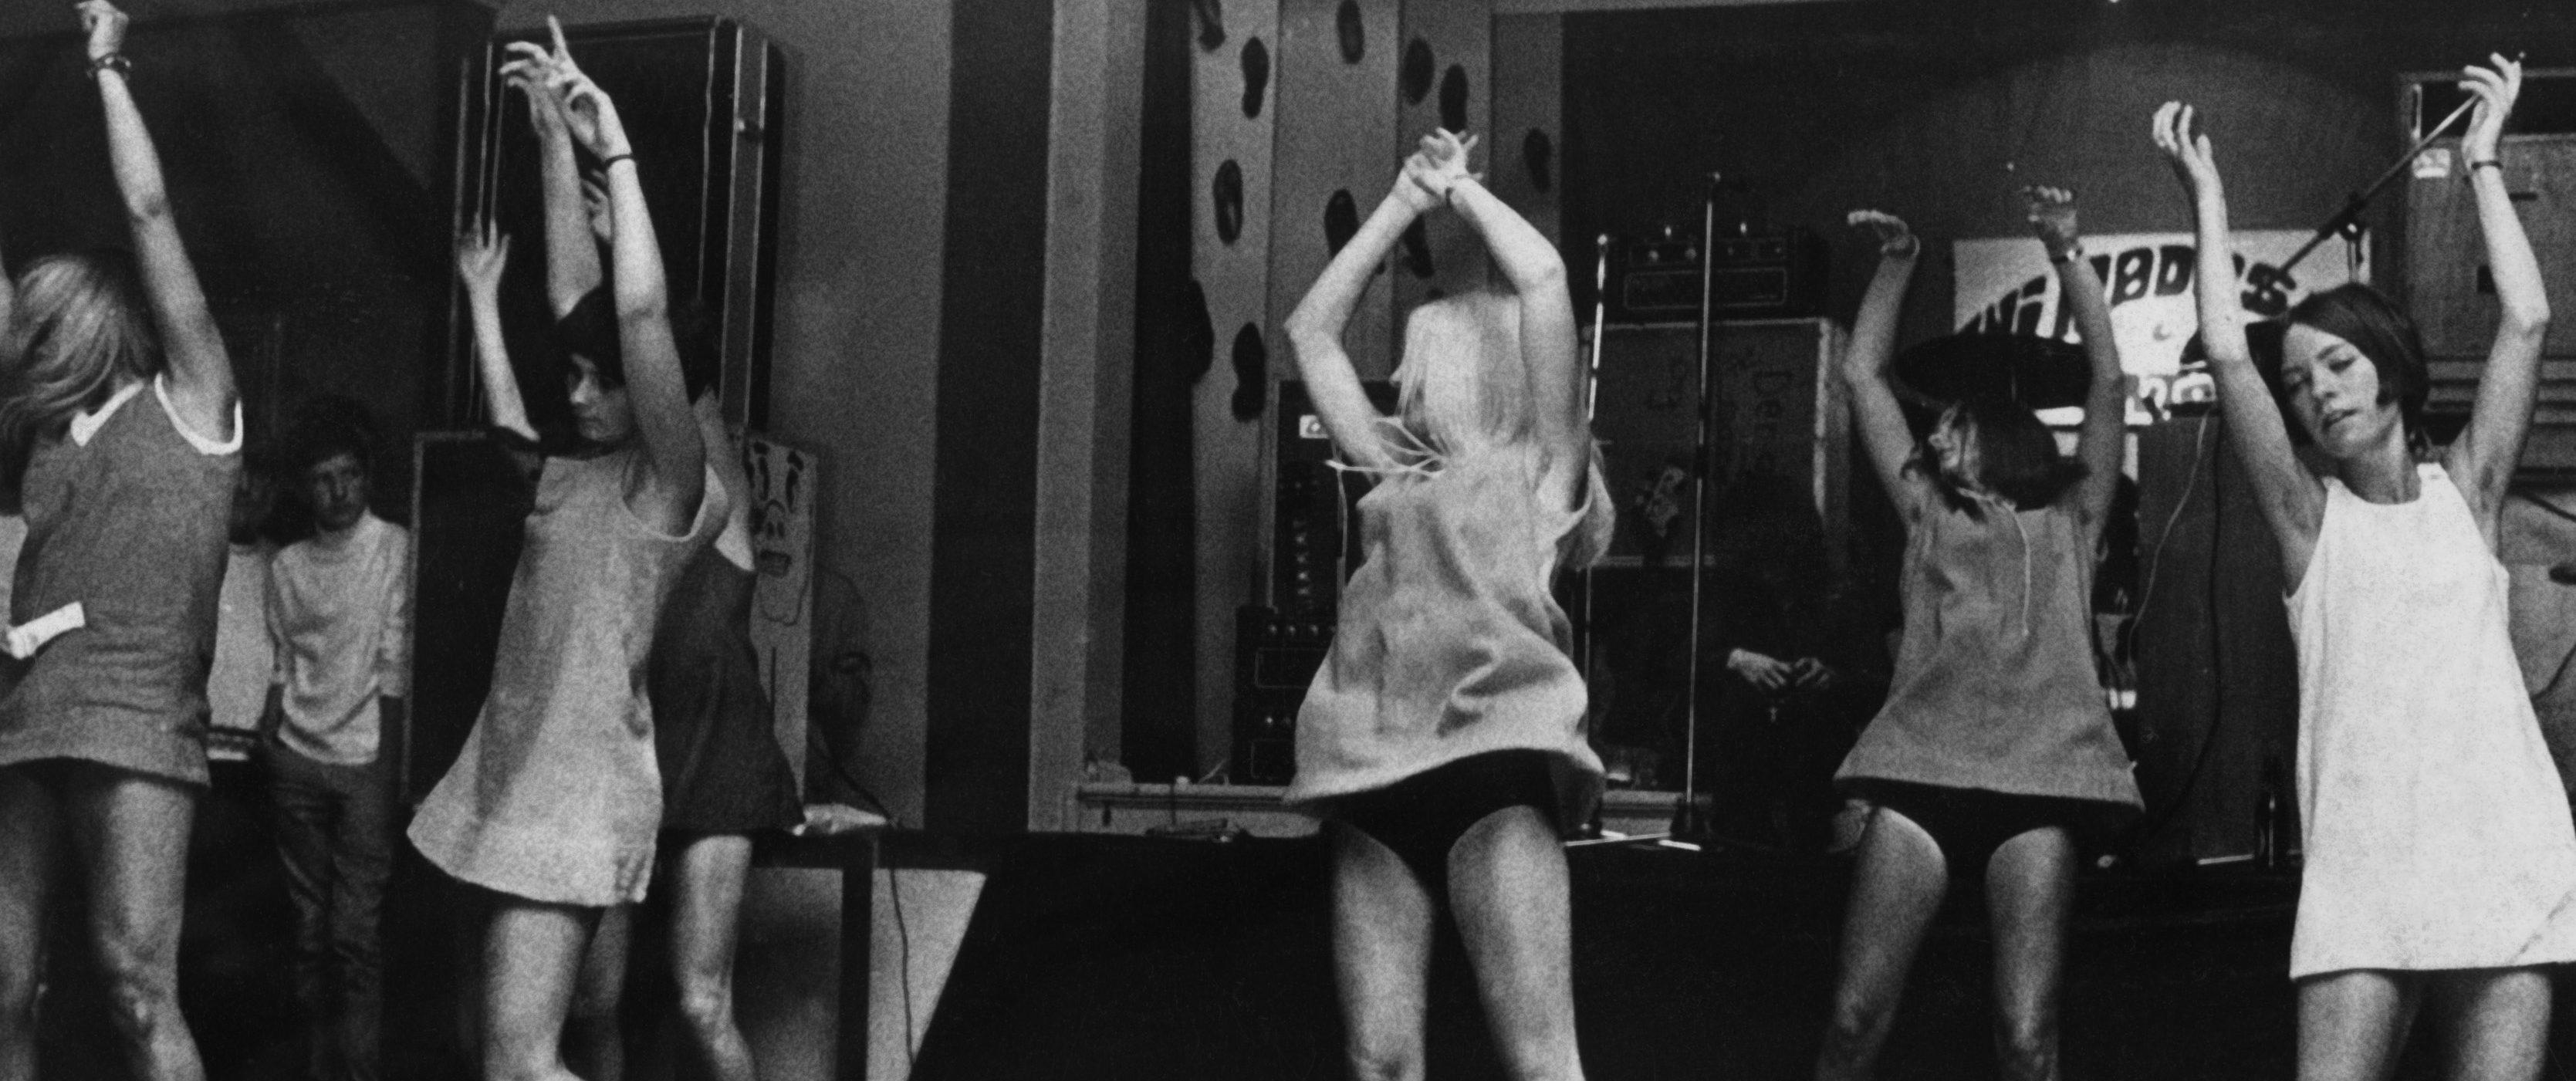 Da ungdommen slog sig løs – et personligt strejftog gennem 1960'erne